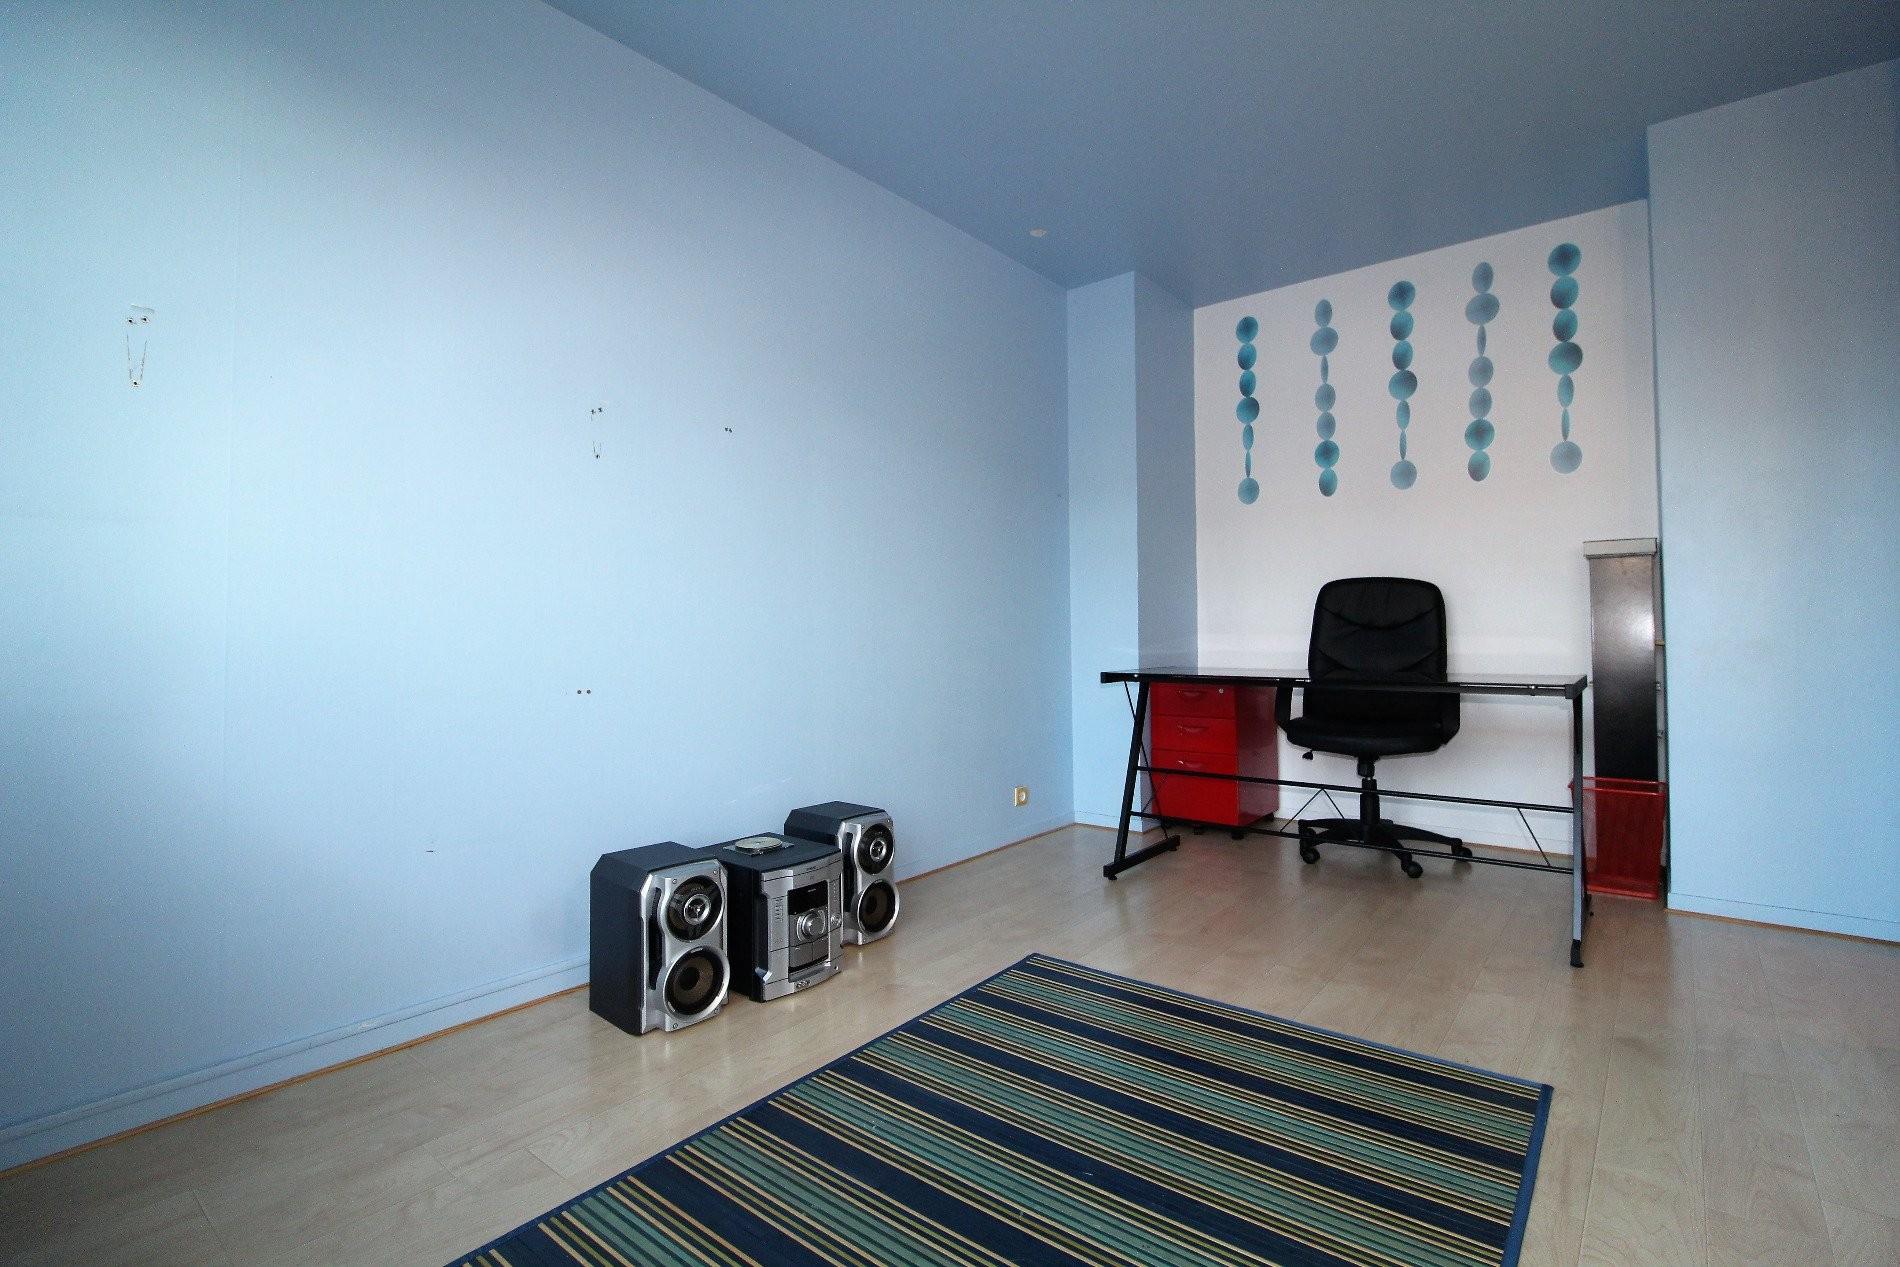 mantes la jolie vente maison 5 pi ces 135m2 239 000 r f 202124 centrale immobiliere. Black Bedroom Furniture Sets. Home Design Ideas